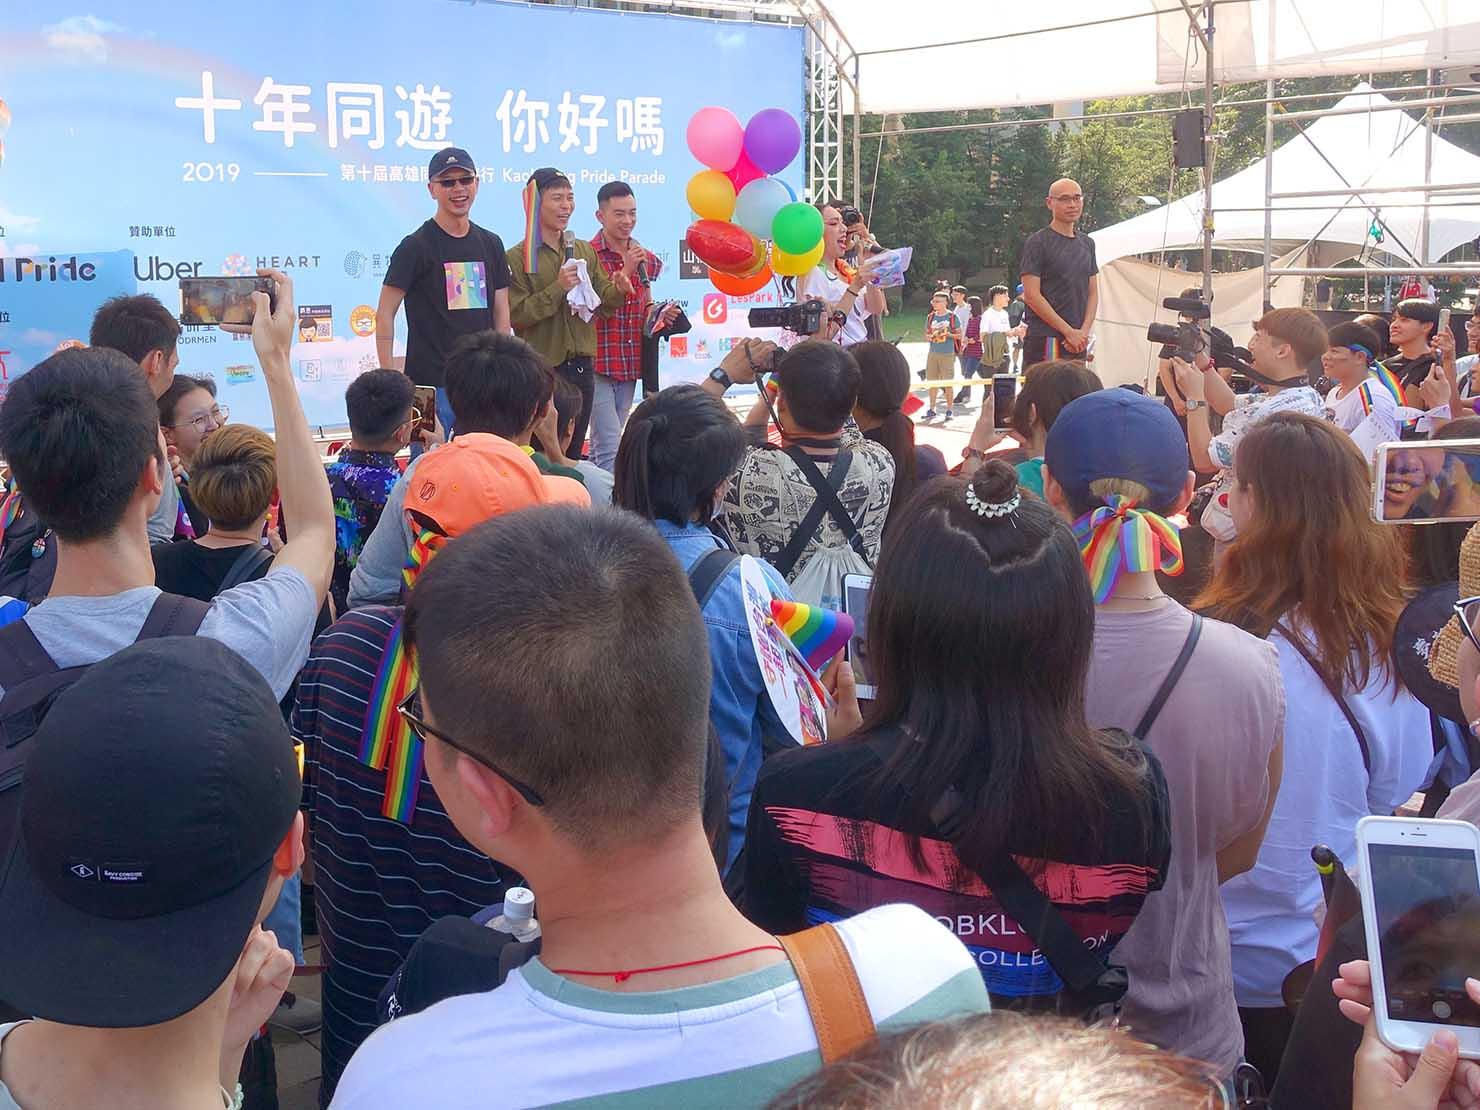 「高雄同志大遊行(高雄プライド)」2019の会場ステージにて始まったパレード出発前のスピーチ